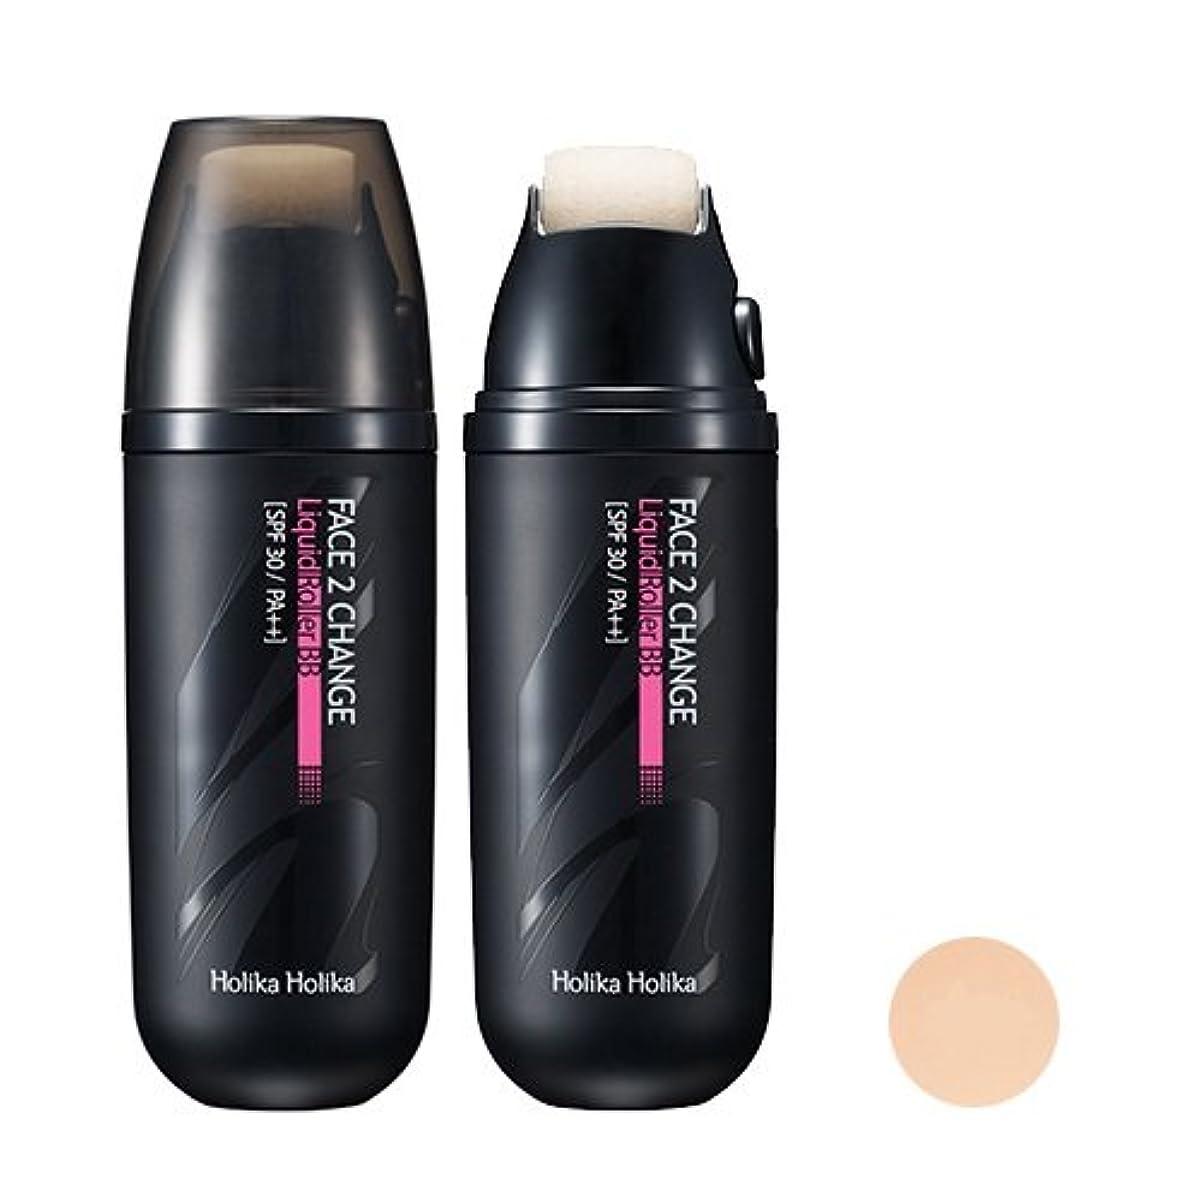 ゴールデンインチプロテスタント[Holika Holika/ホリカホリカ] フェイス 2チェンジ リキッドローラーBB クリーム (SPF30 PA++) 2タイプ?韓国コスメ/ Face 2 Change Liquid Roller BB Cream...